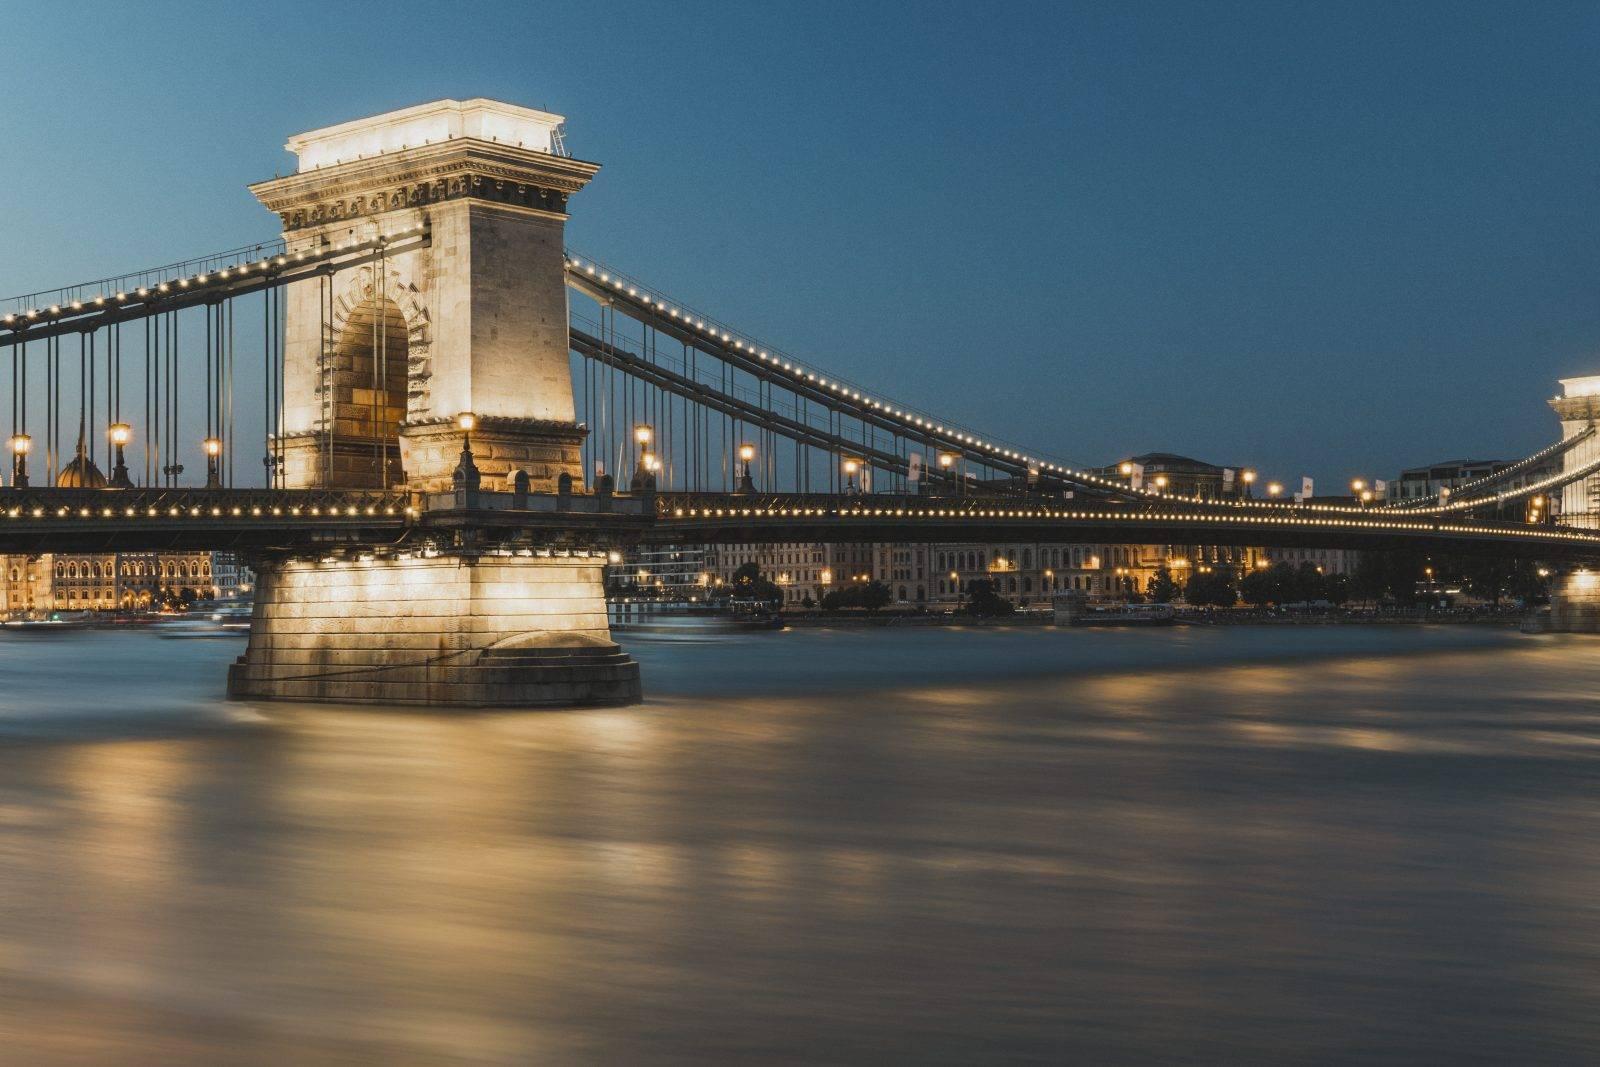 Magyarország újjáépülése és beilleszkedése a Habsburg Birodalomba a XVIII. században